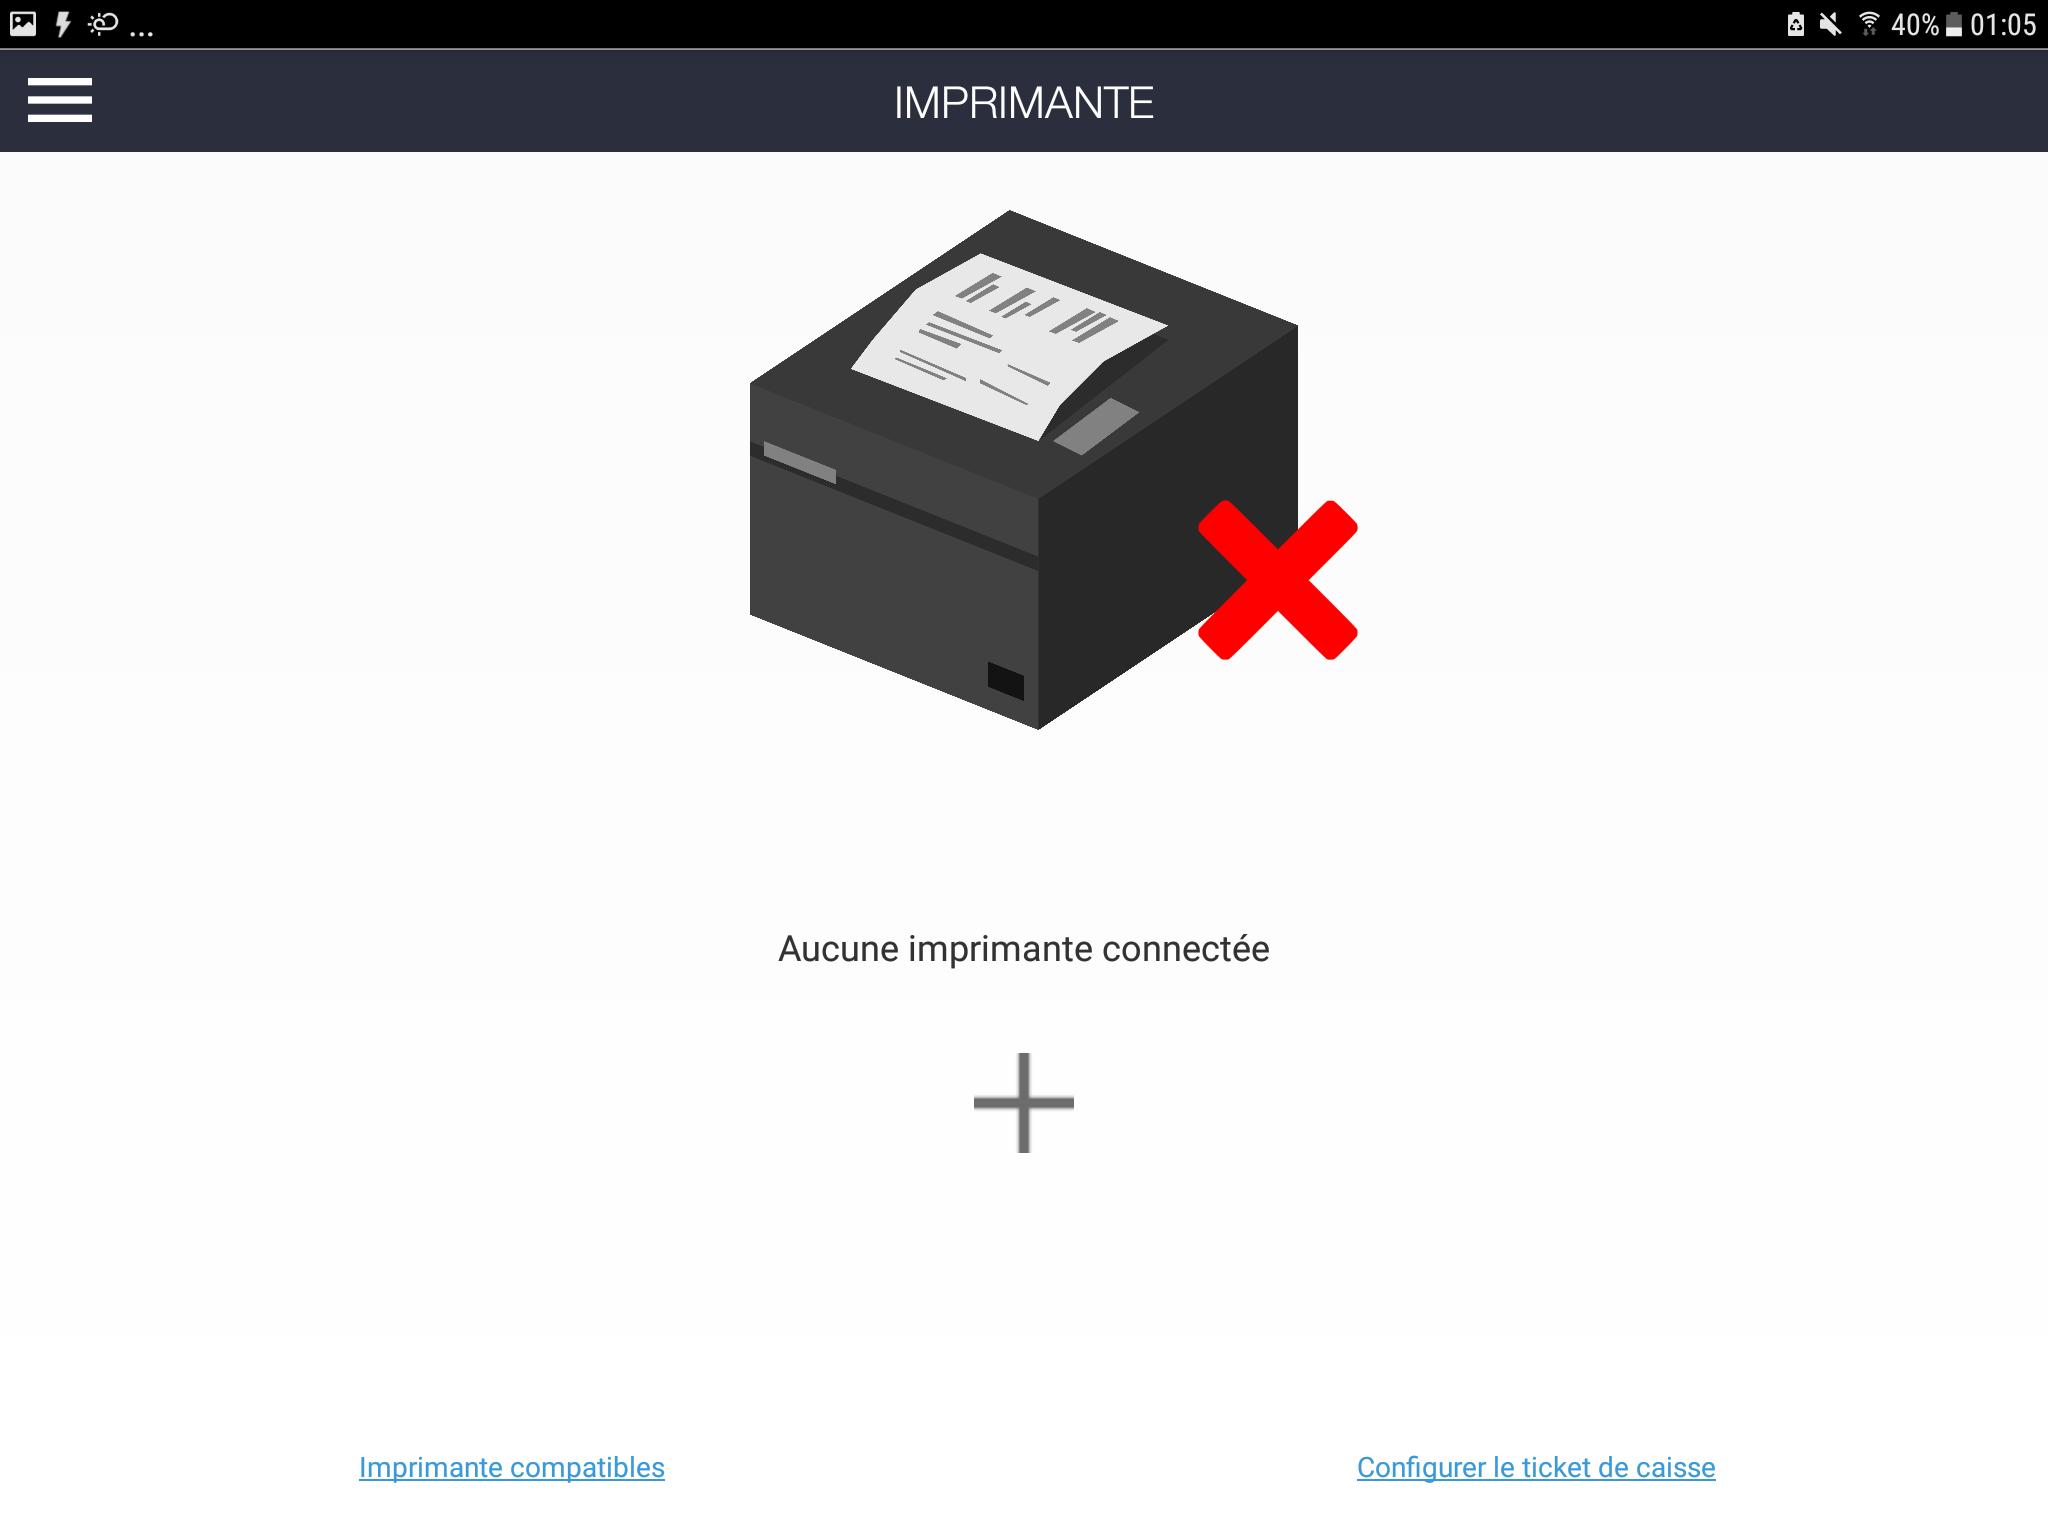 Accueil ajouter une imprimante